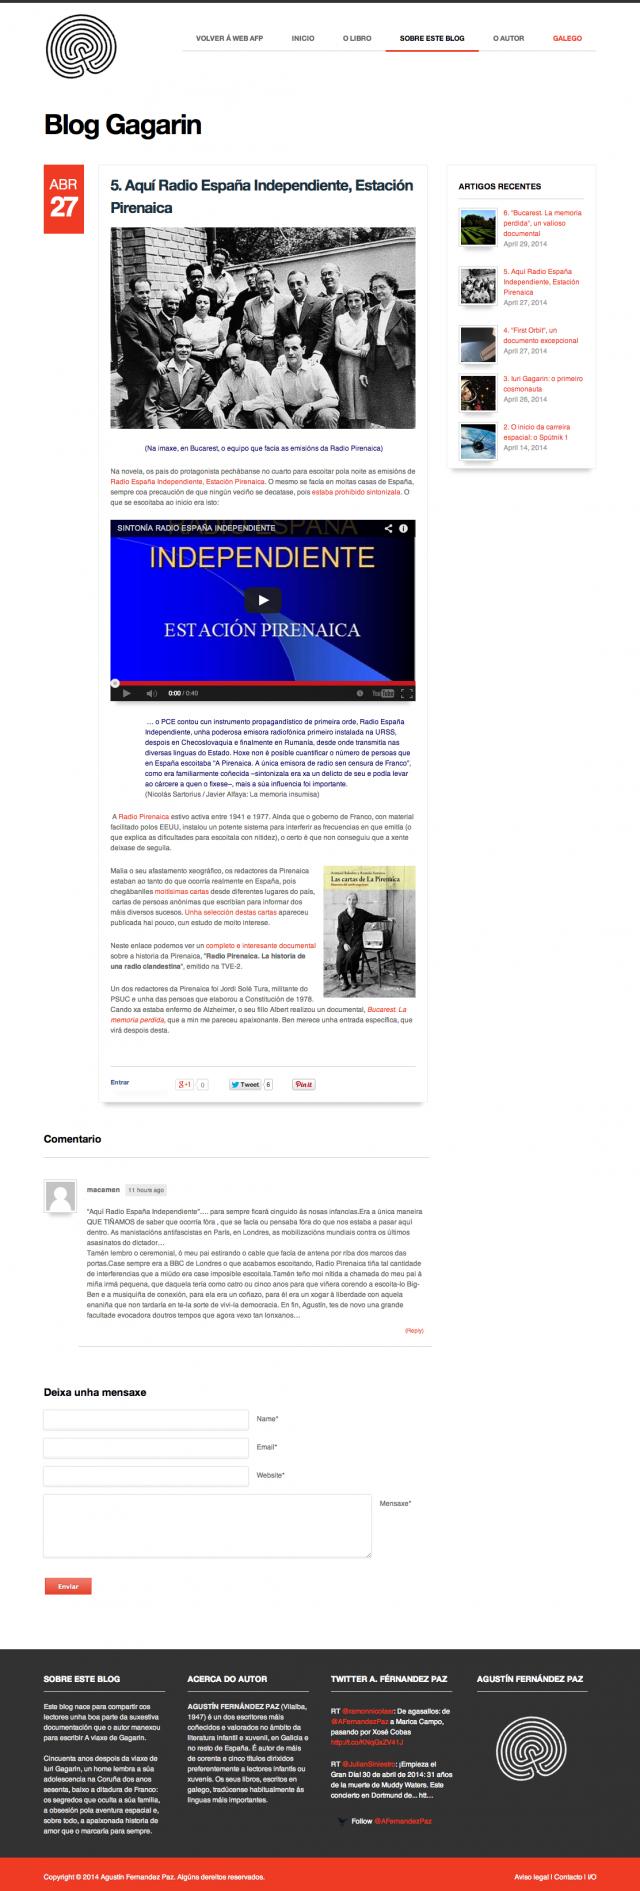 Sección blog Gagarin